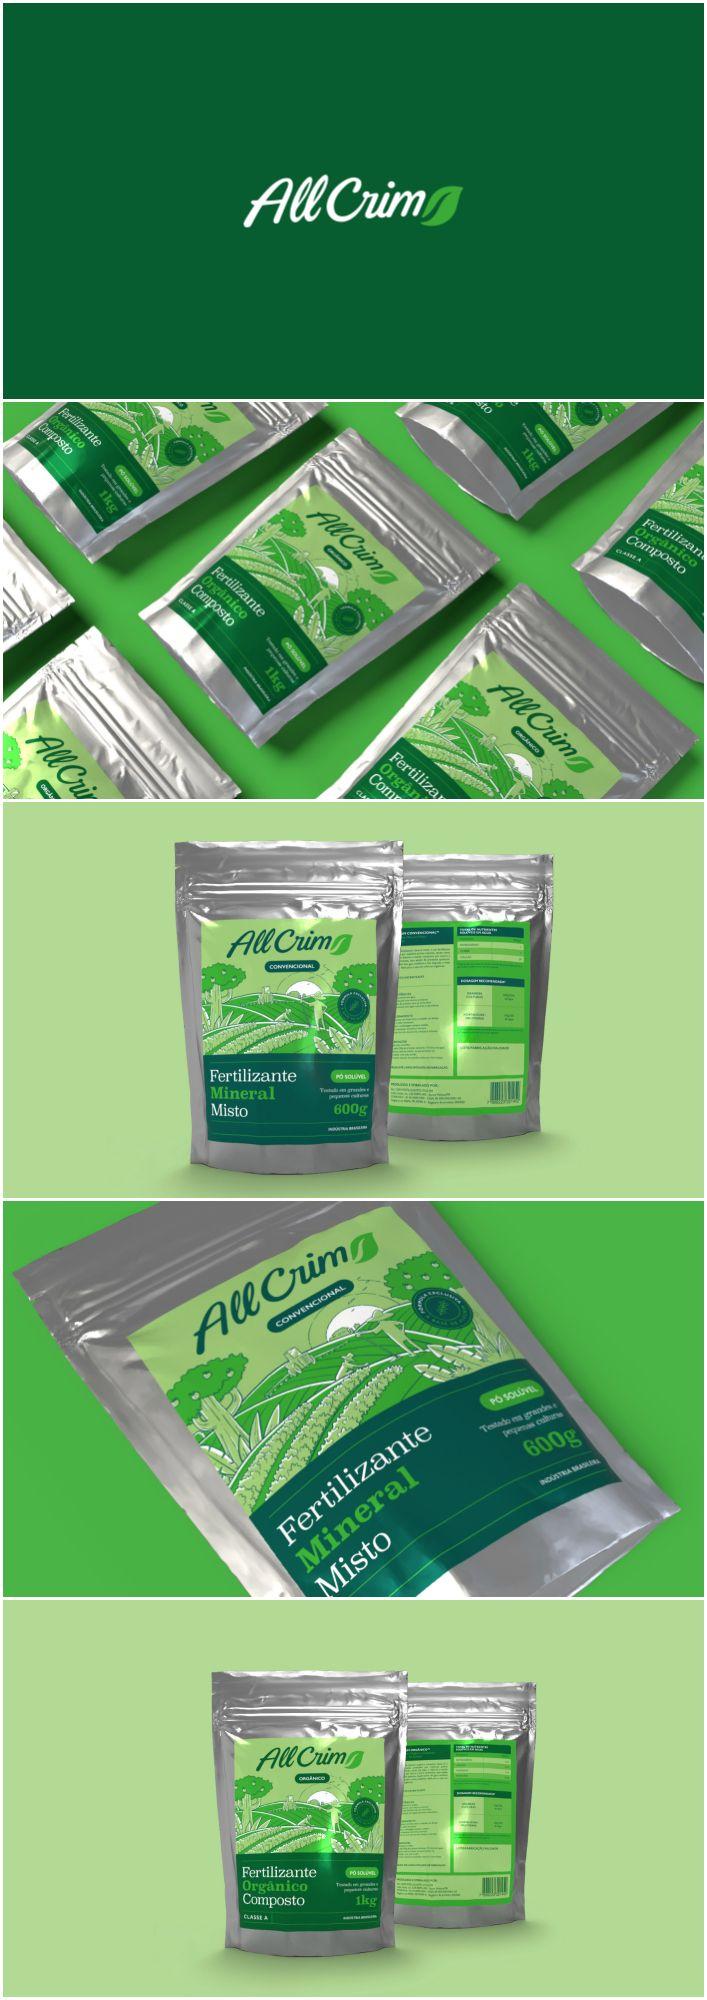 Packaging Design for Brazilian Fertiliser Brand Design Agency:Hearted Design & Strategy Brand / Project Name:All Crim Location:Brazil Category: #fertiliser #household #promotional  World Brand & Packaging Design Society